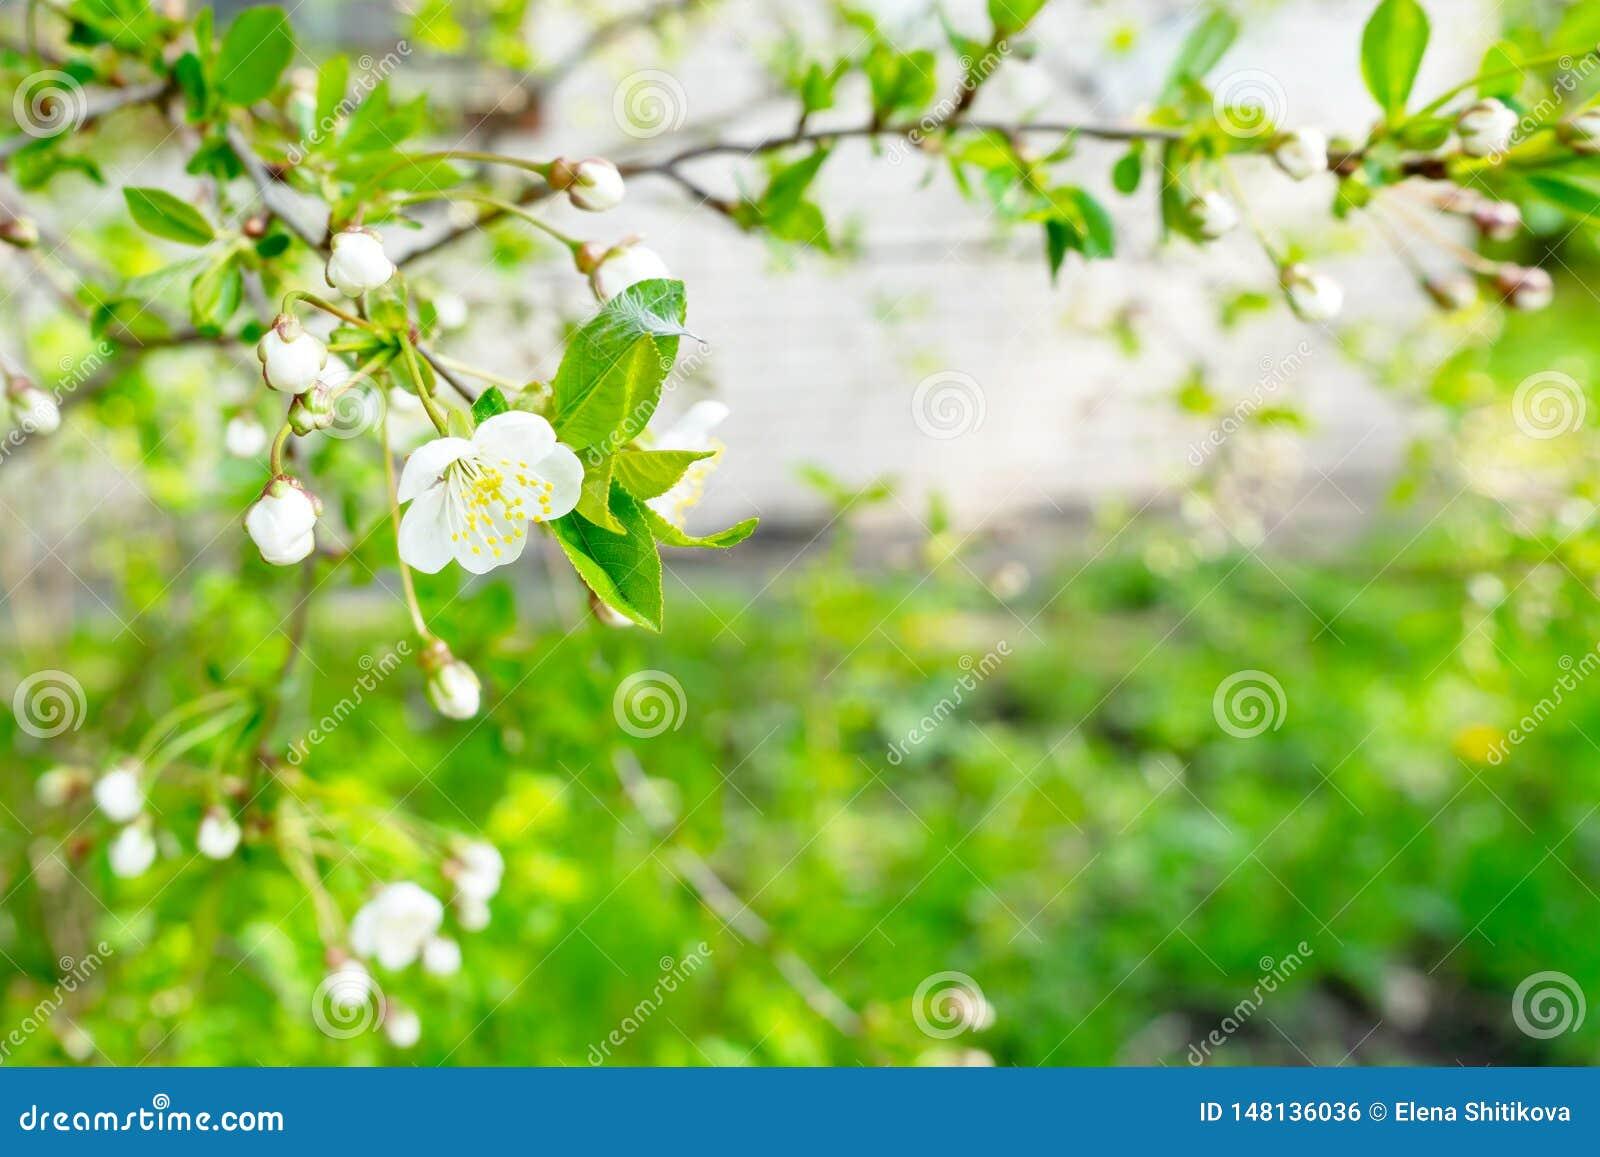 E De bloemen zijn wit